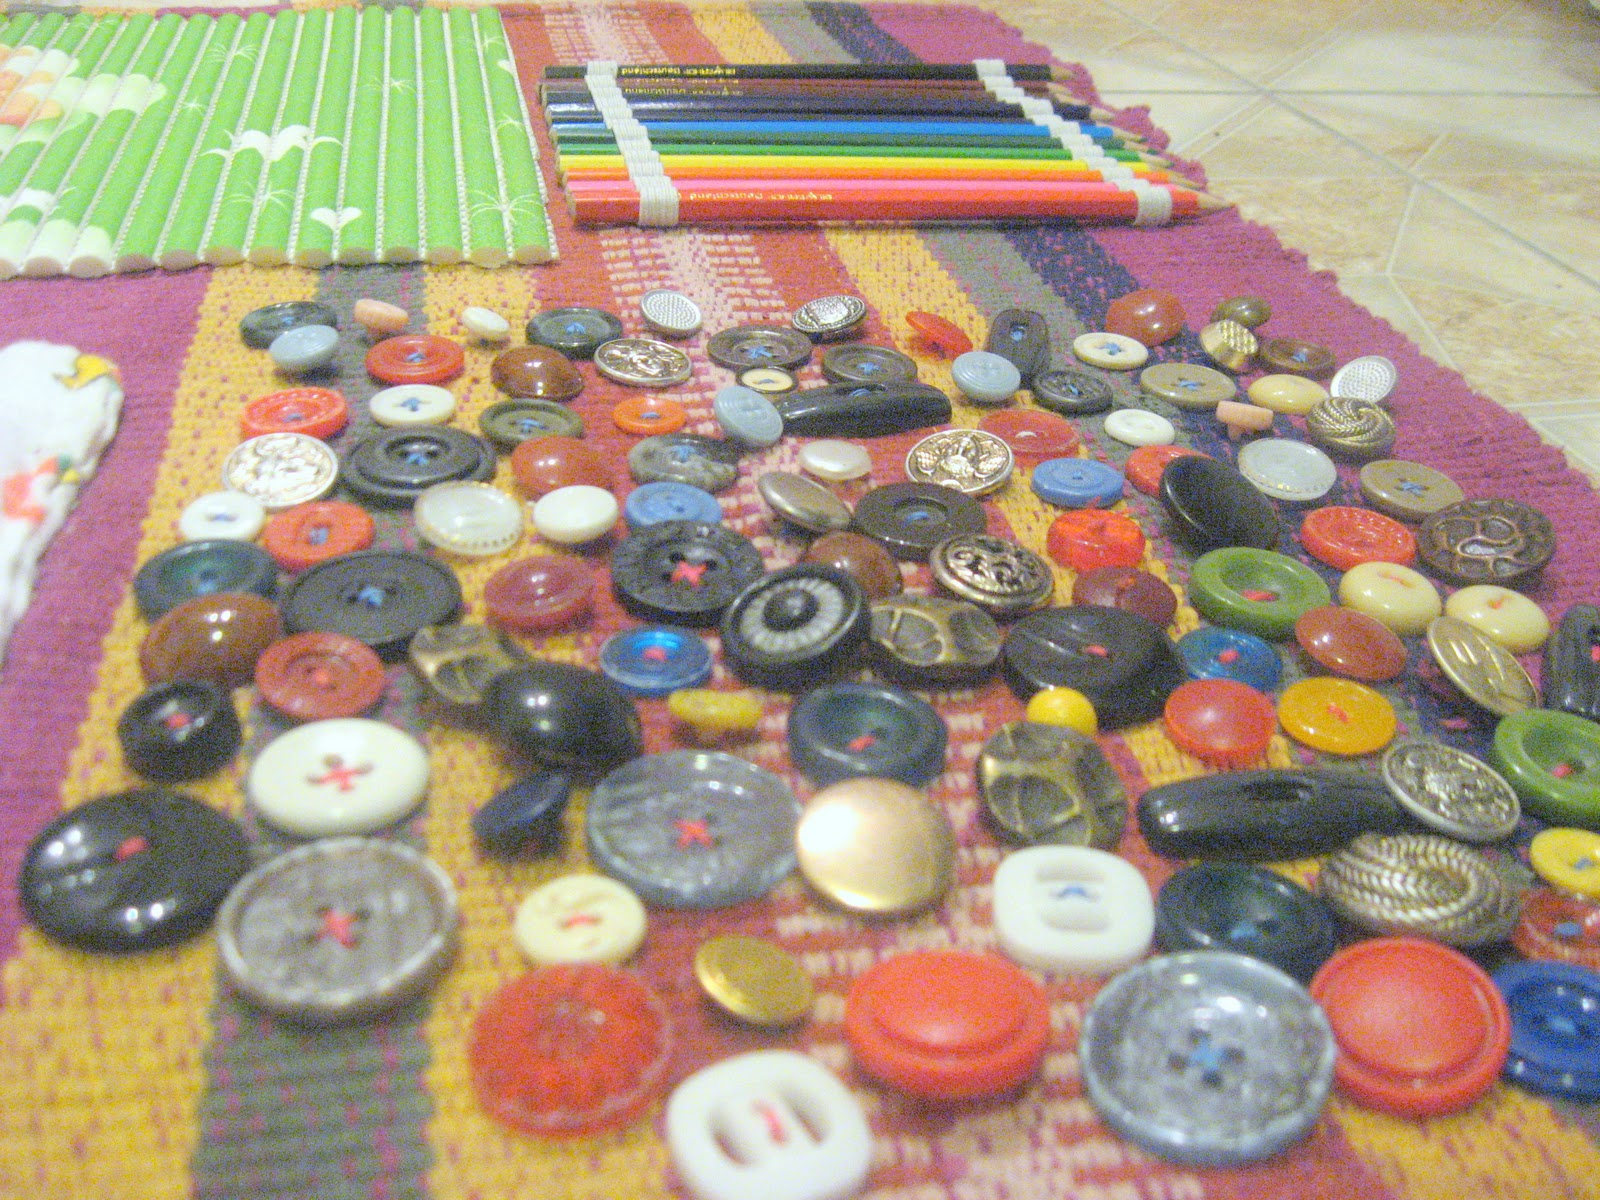 ?массажный коврик для ног: виды и особенности применения